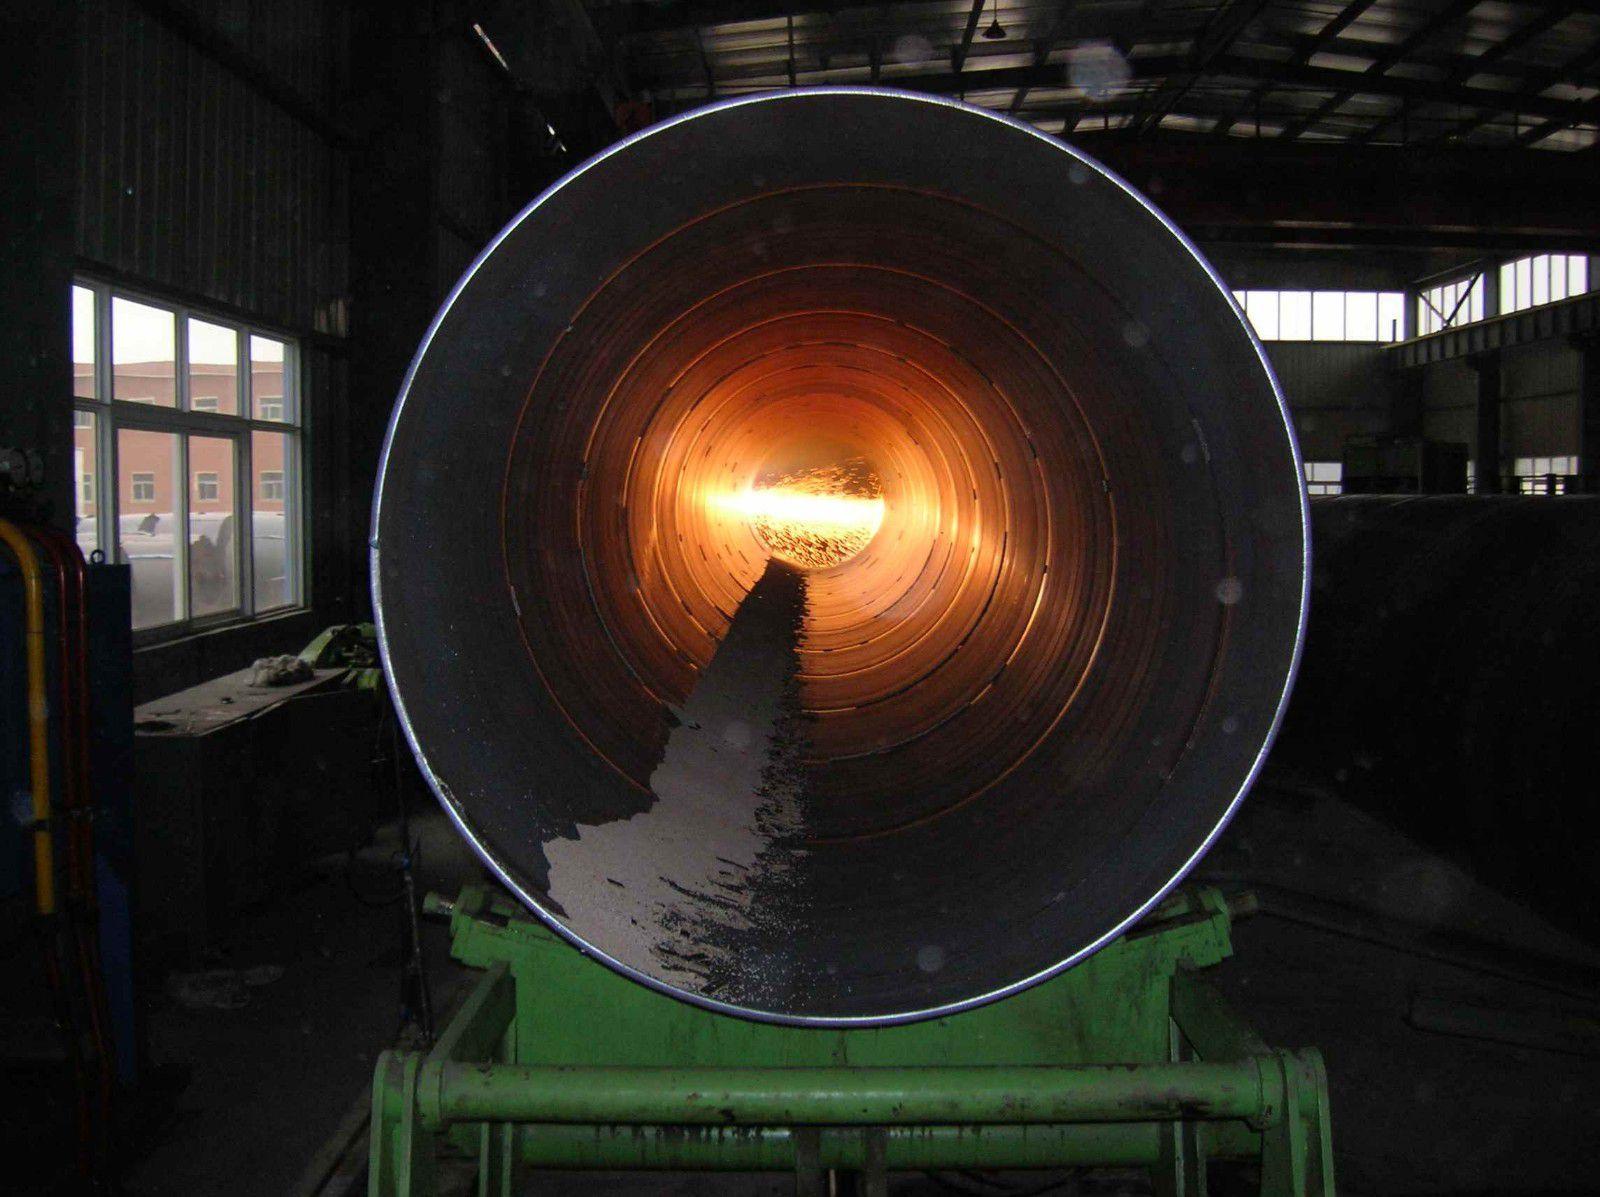 大理打桩用螺旋钢管 不断追求品质